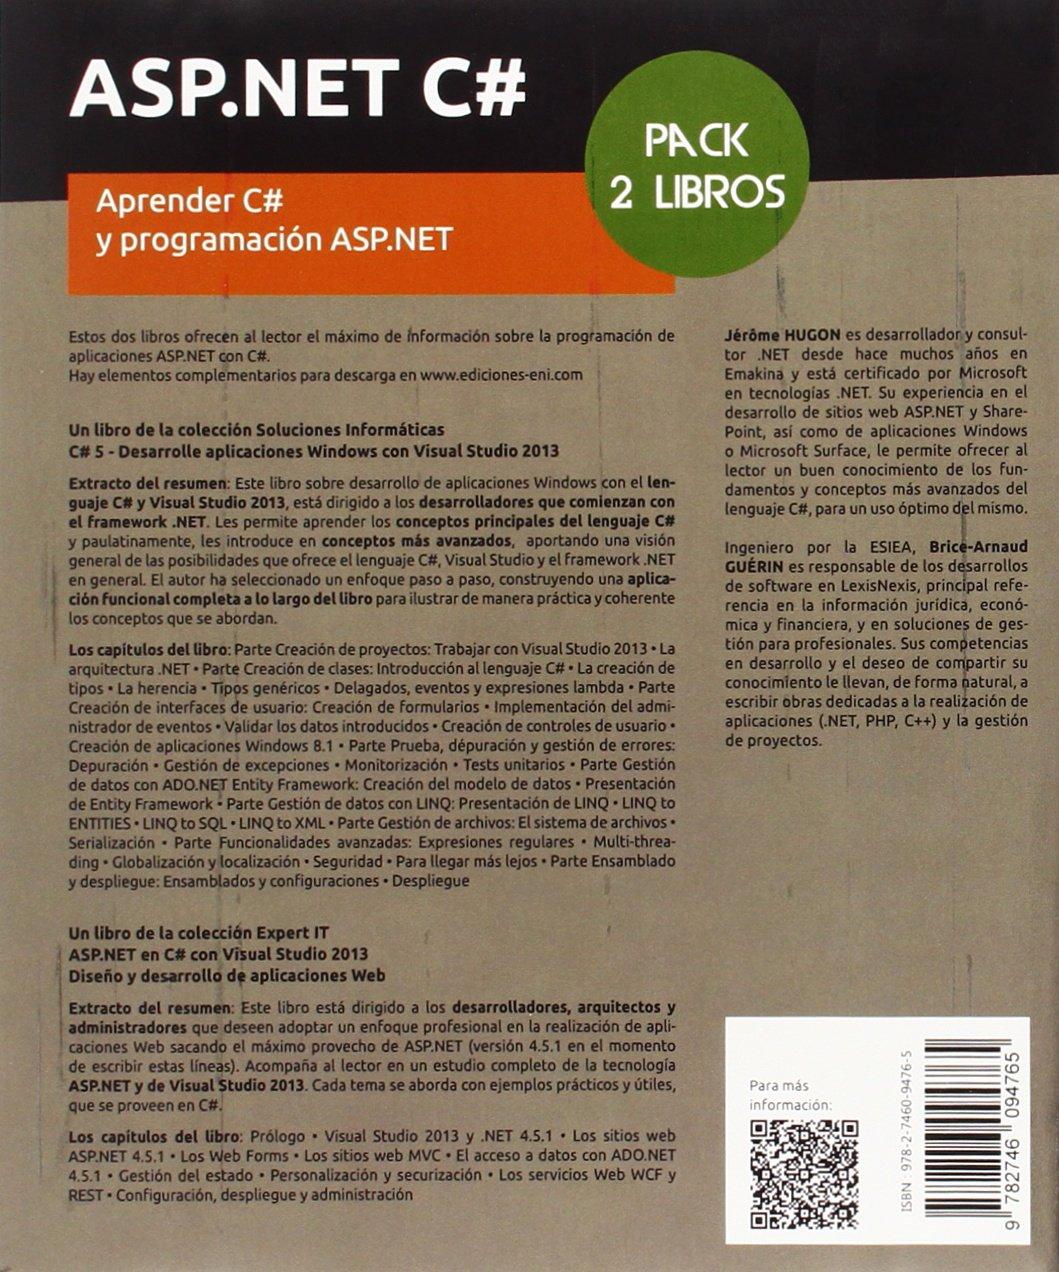 ASP.NET C# Pack de 2 libros: Aprender C# y programación ASP.NET ...